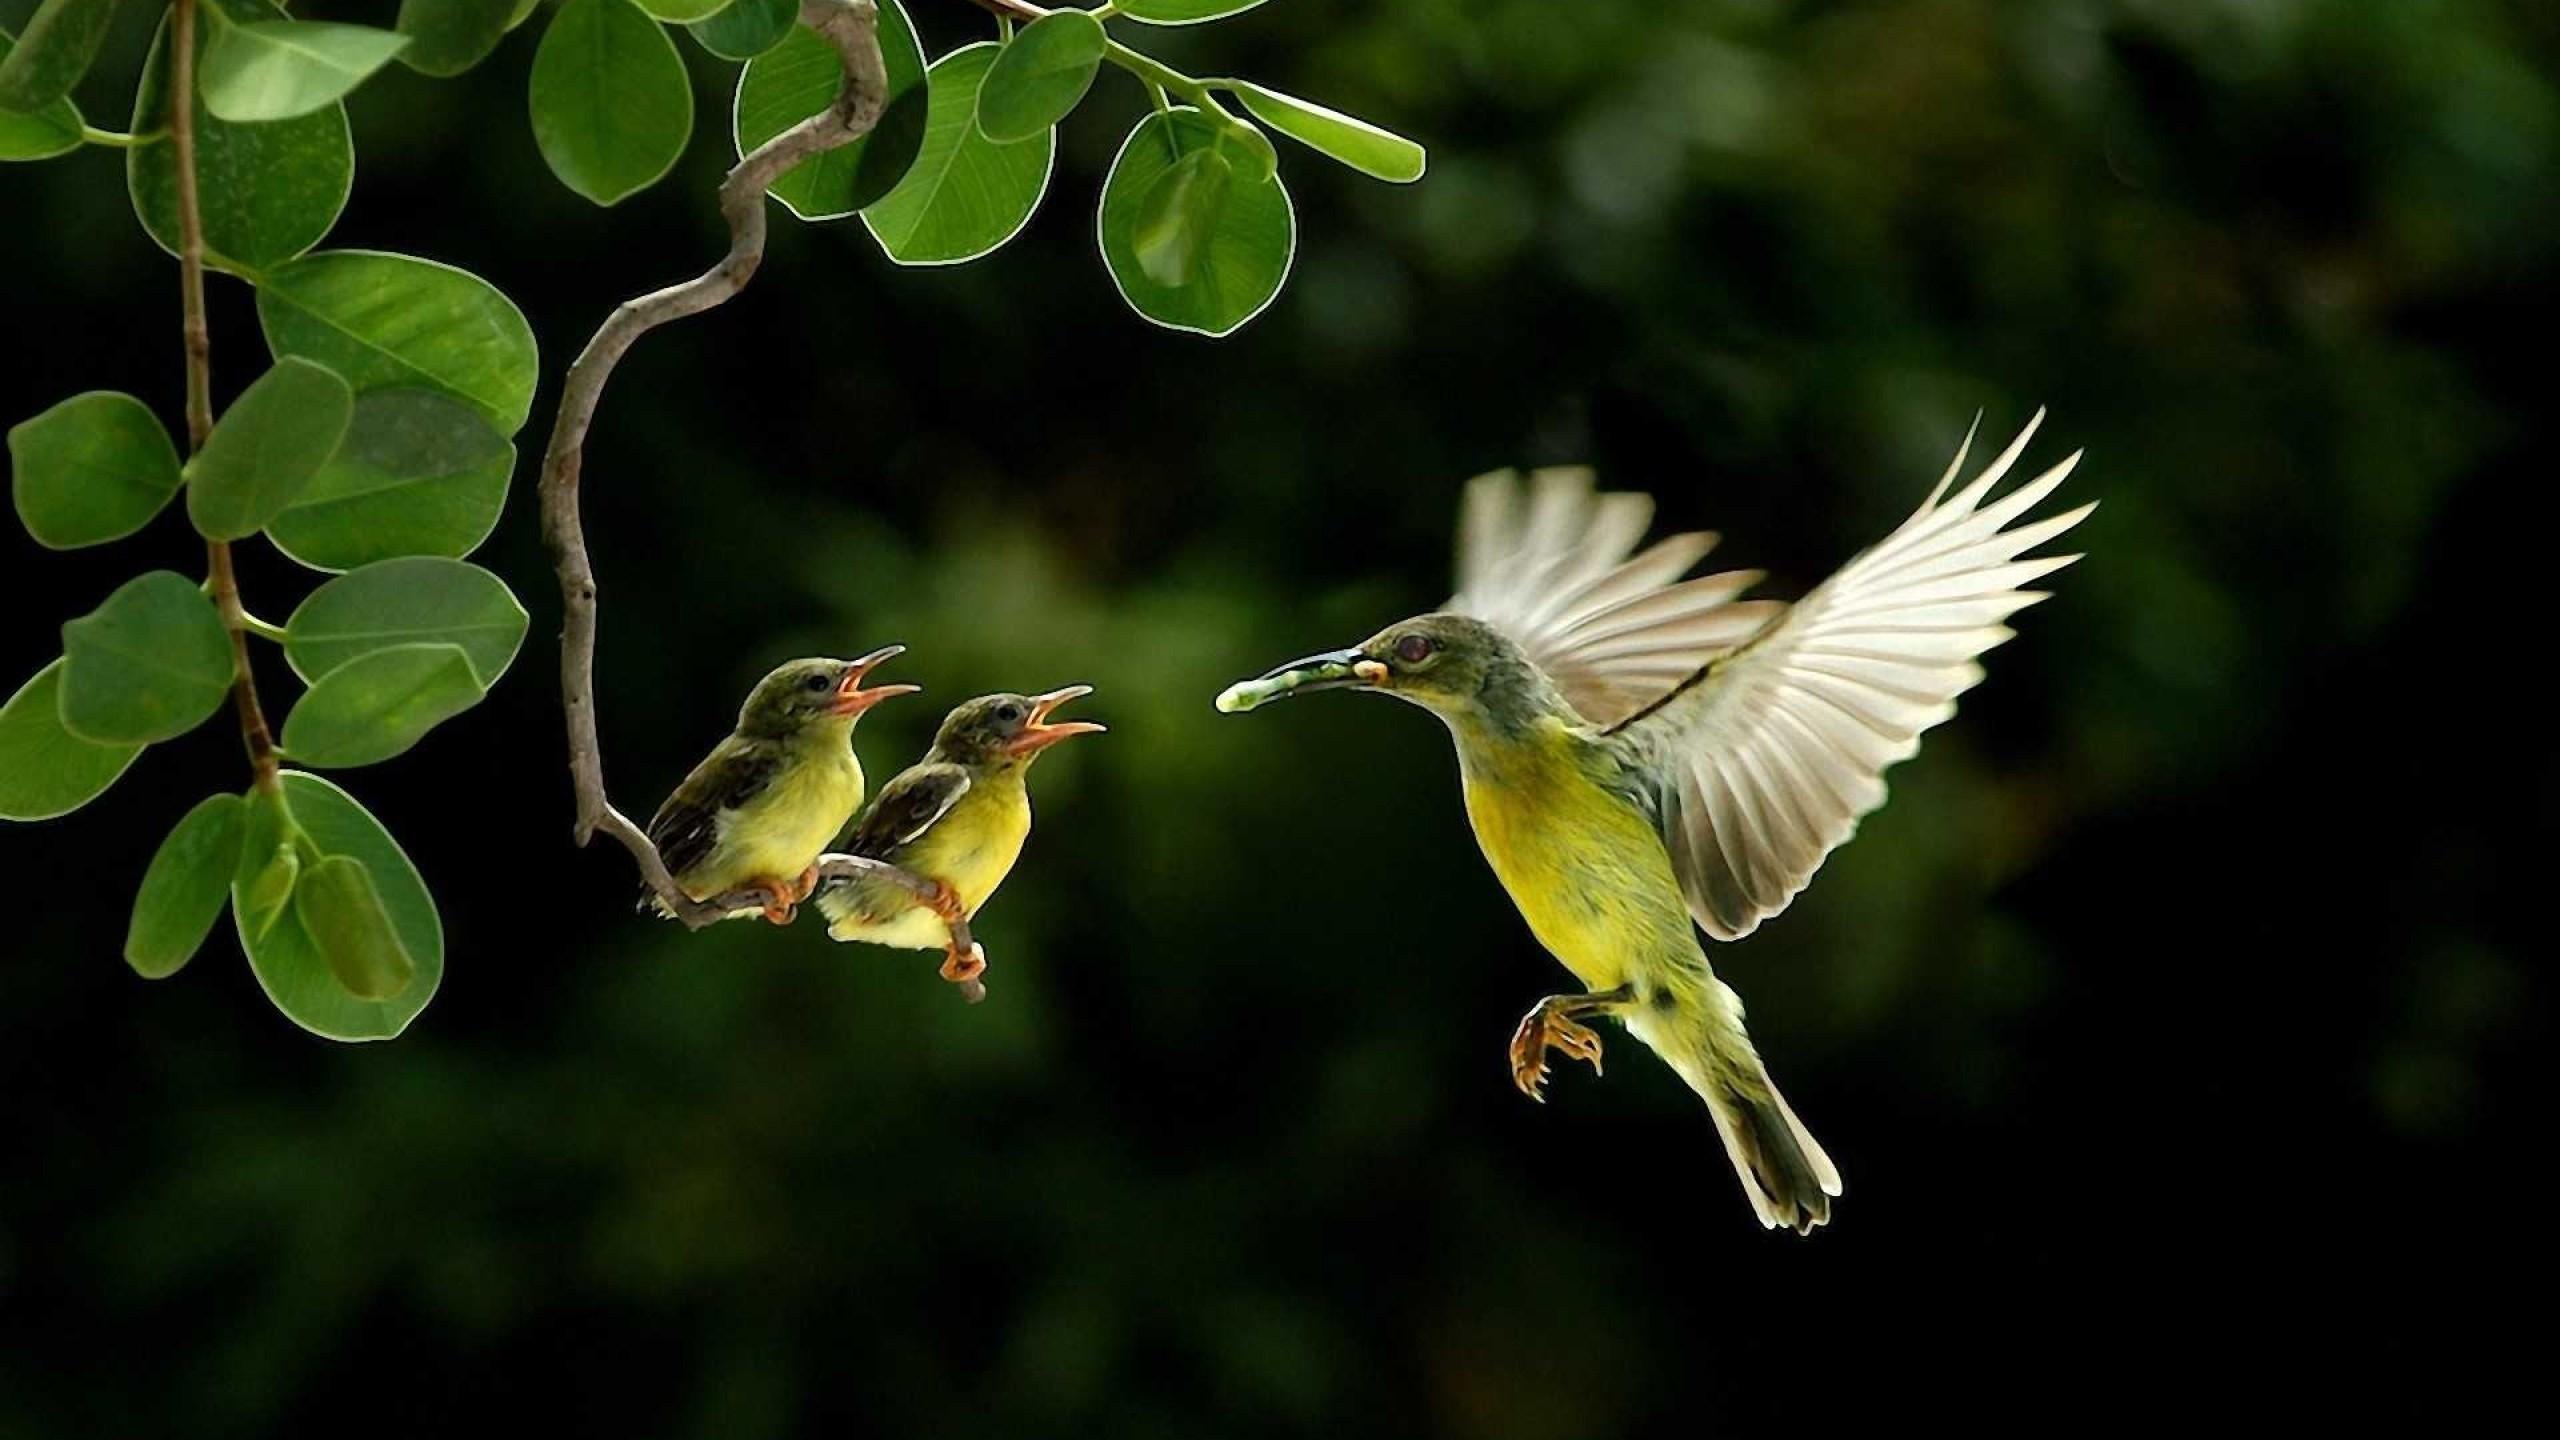 humming bird wallpaper